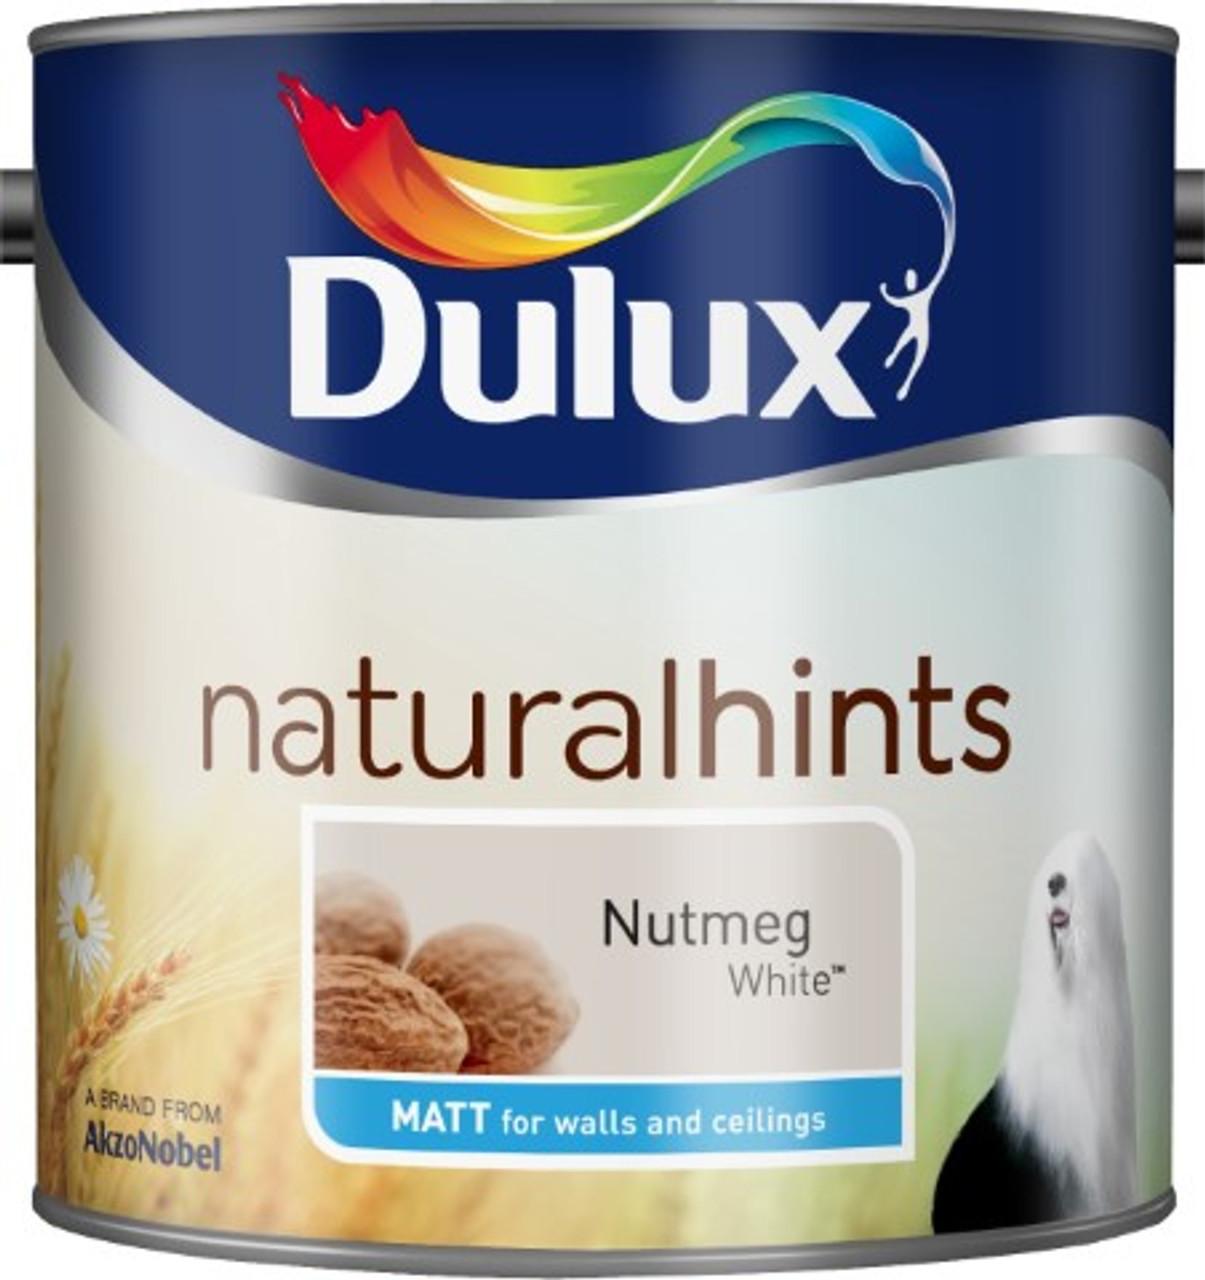 2.5L Dulux Matt Emulsion Nutmeg White